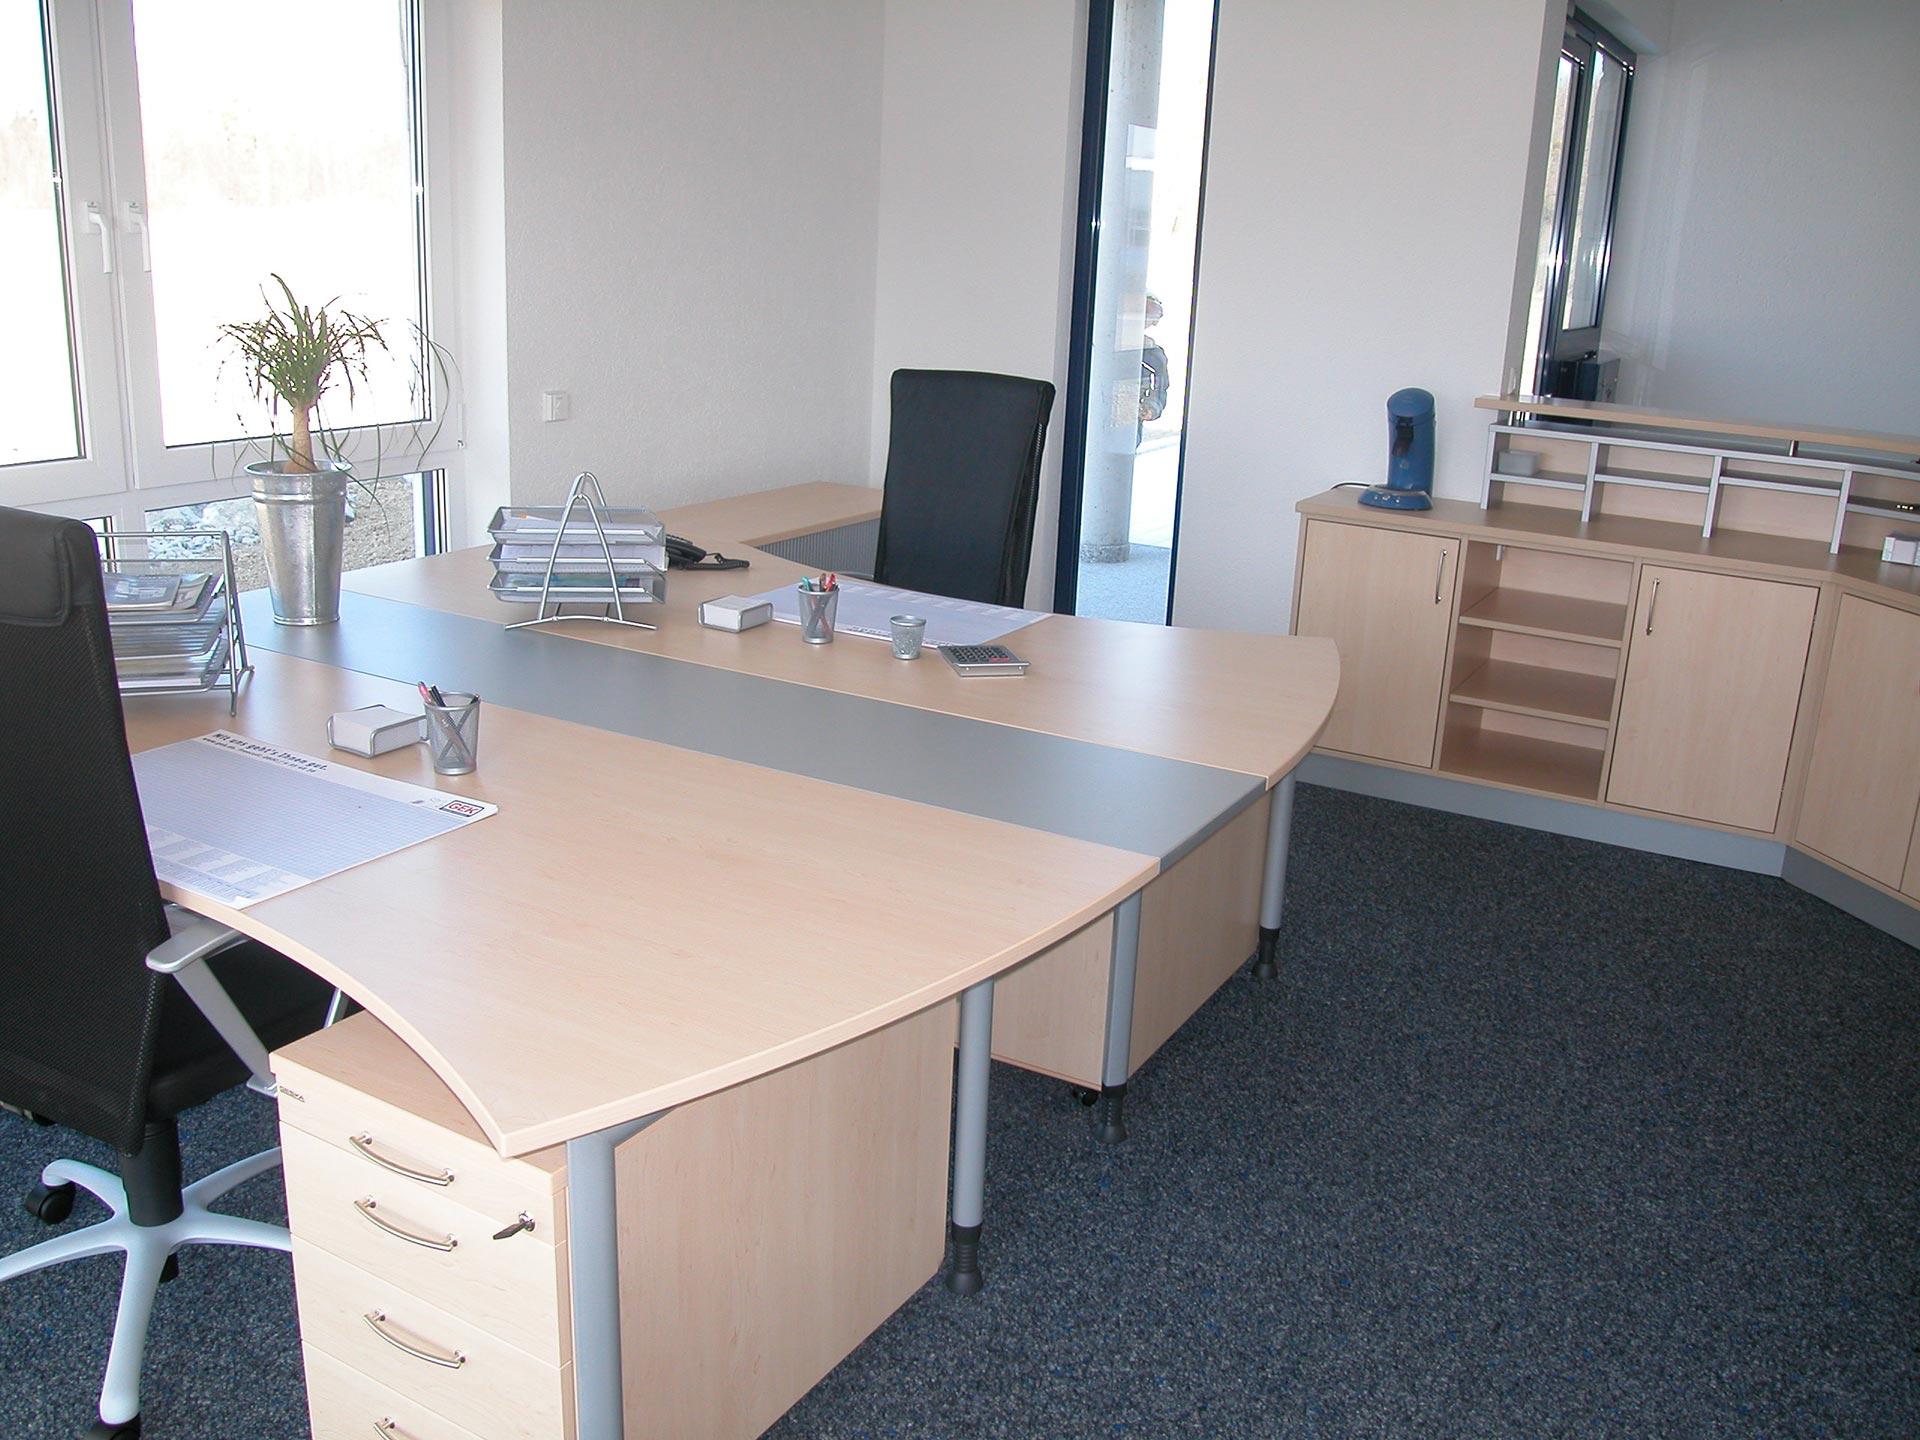 Büroeinrichtung planen  actica GmbH – actica planen & einrichten » Büro